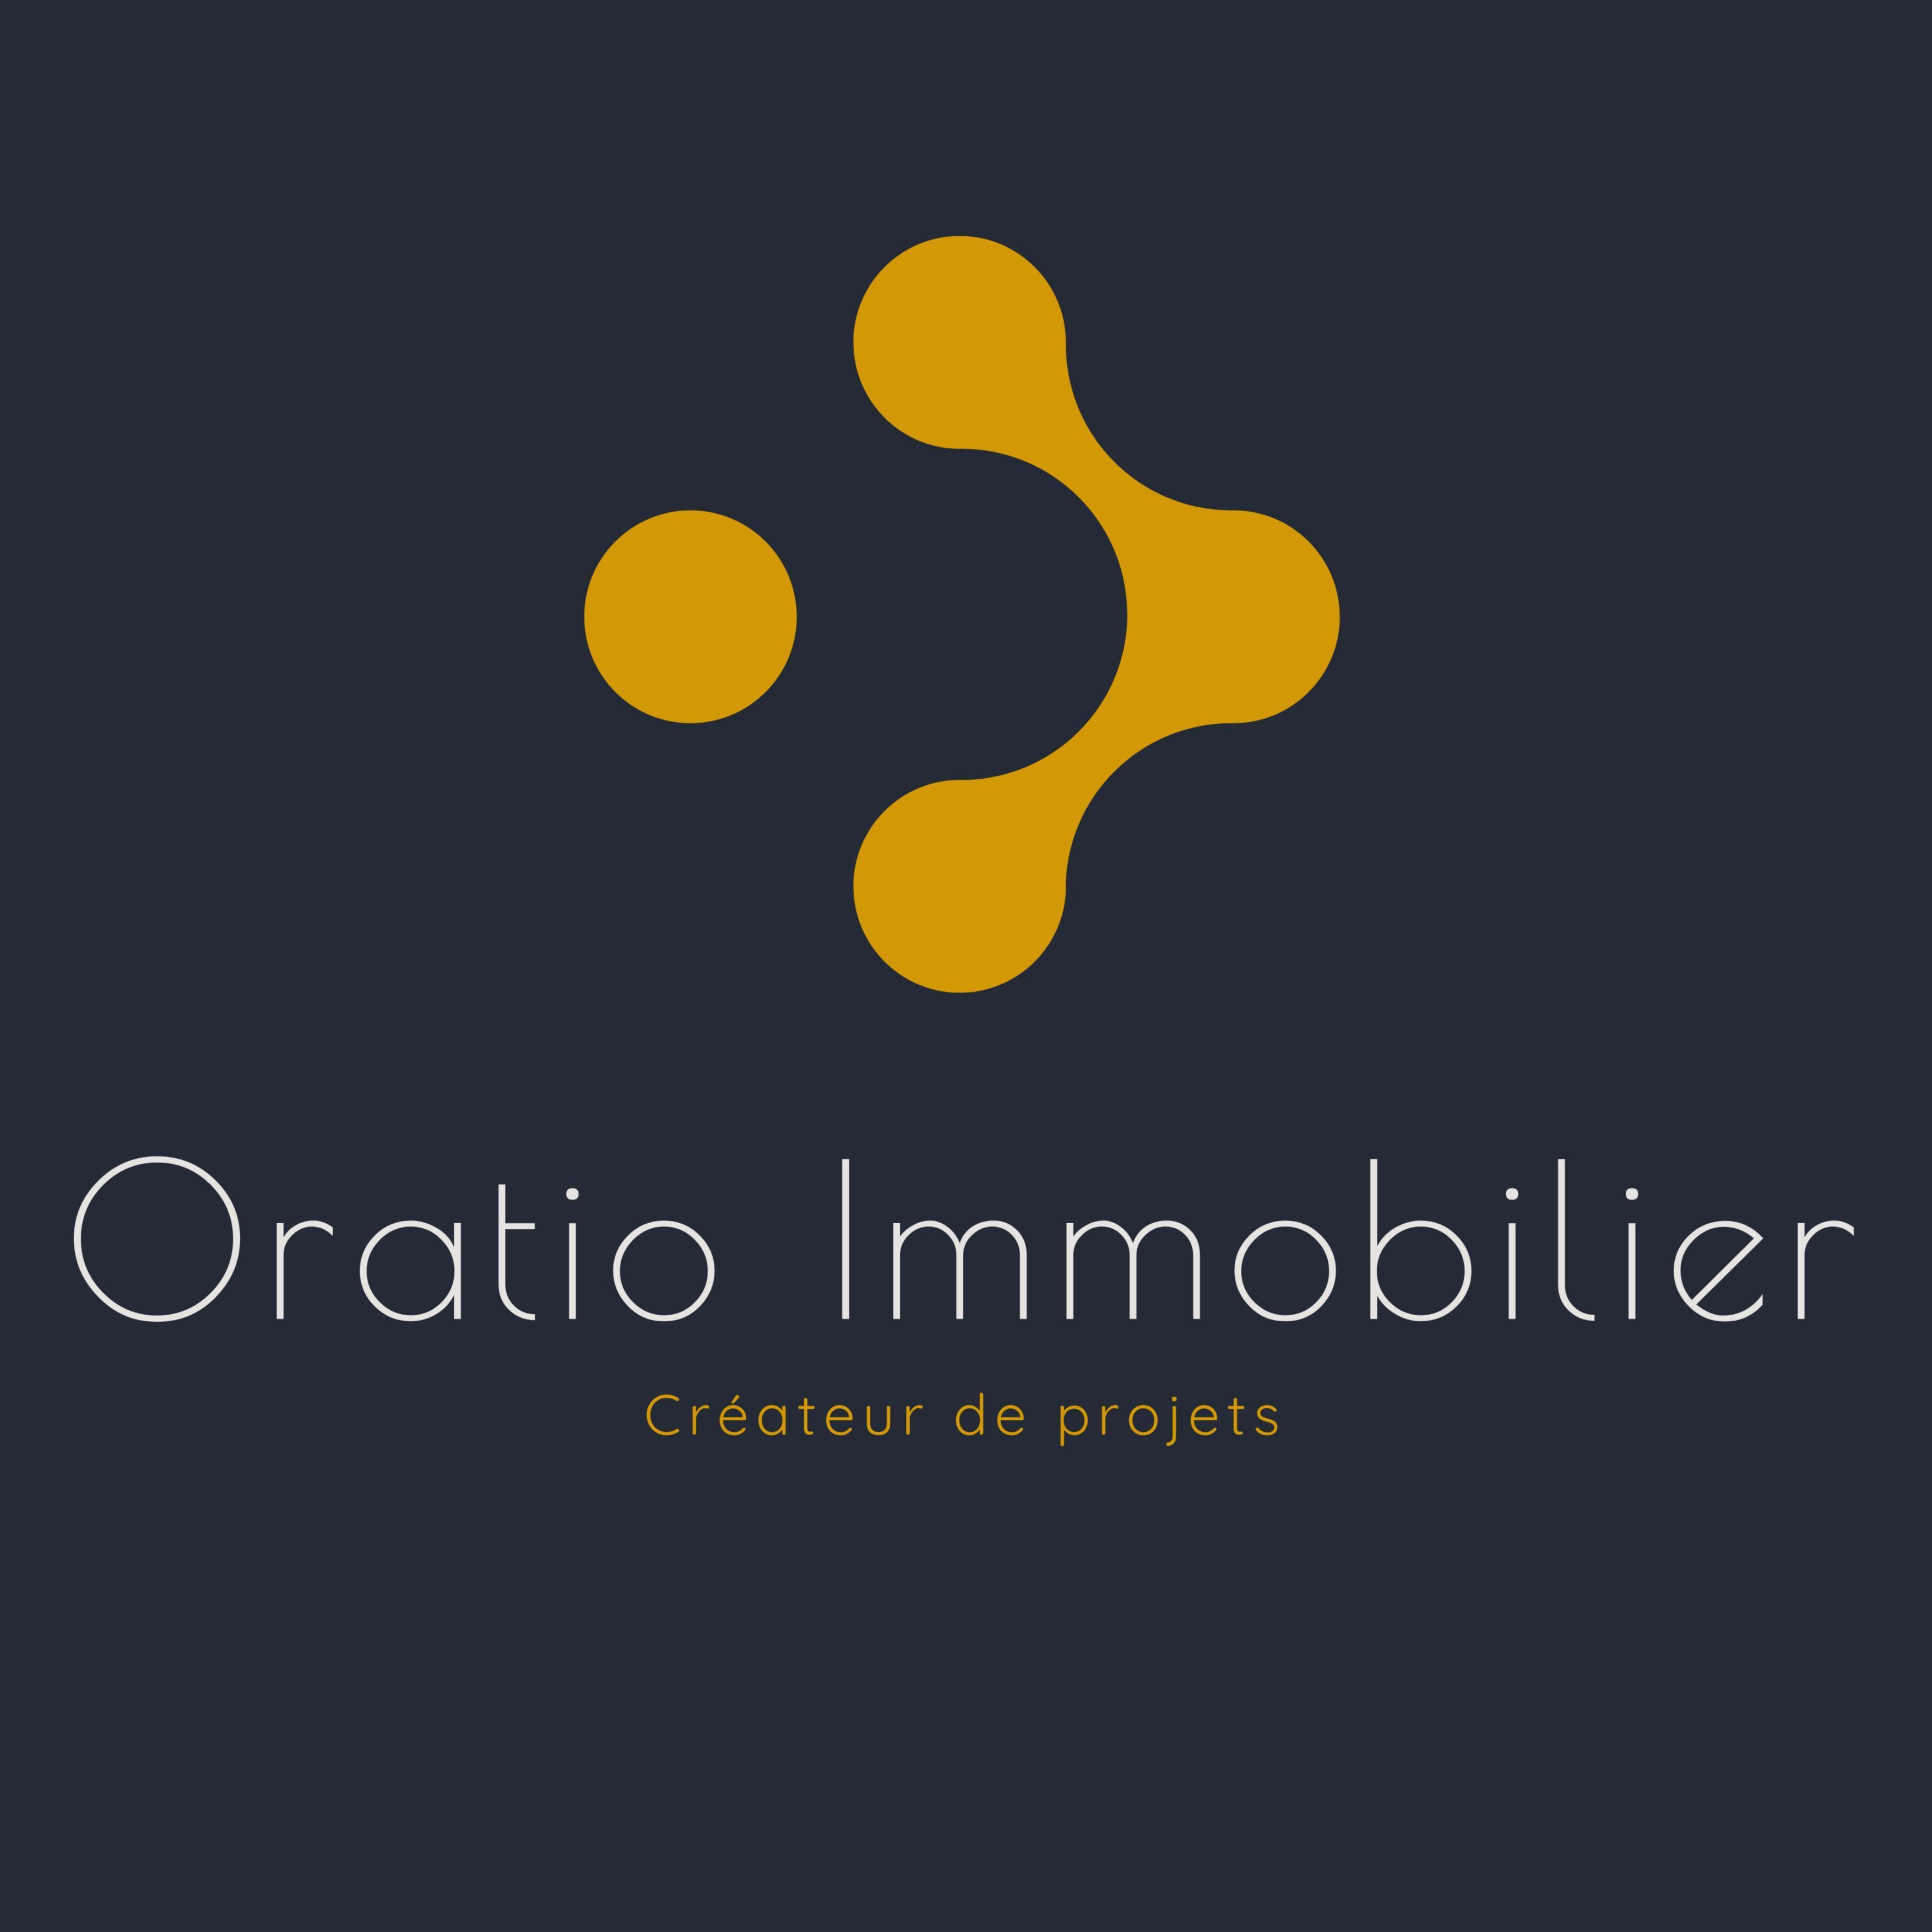 ORATIO IMMOBILIER agence immobilière Annecy-le-Vieux (74940)